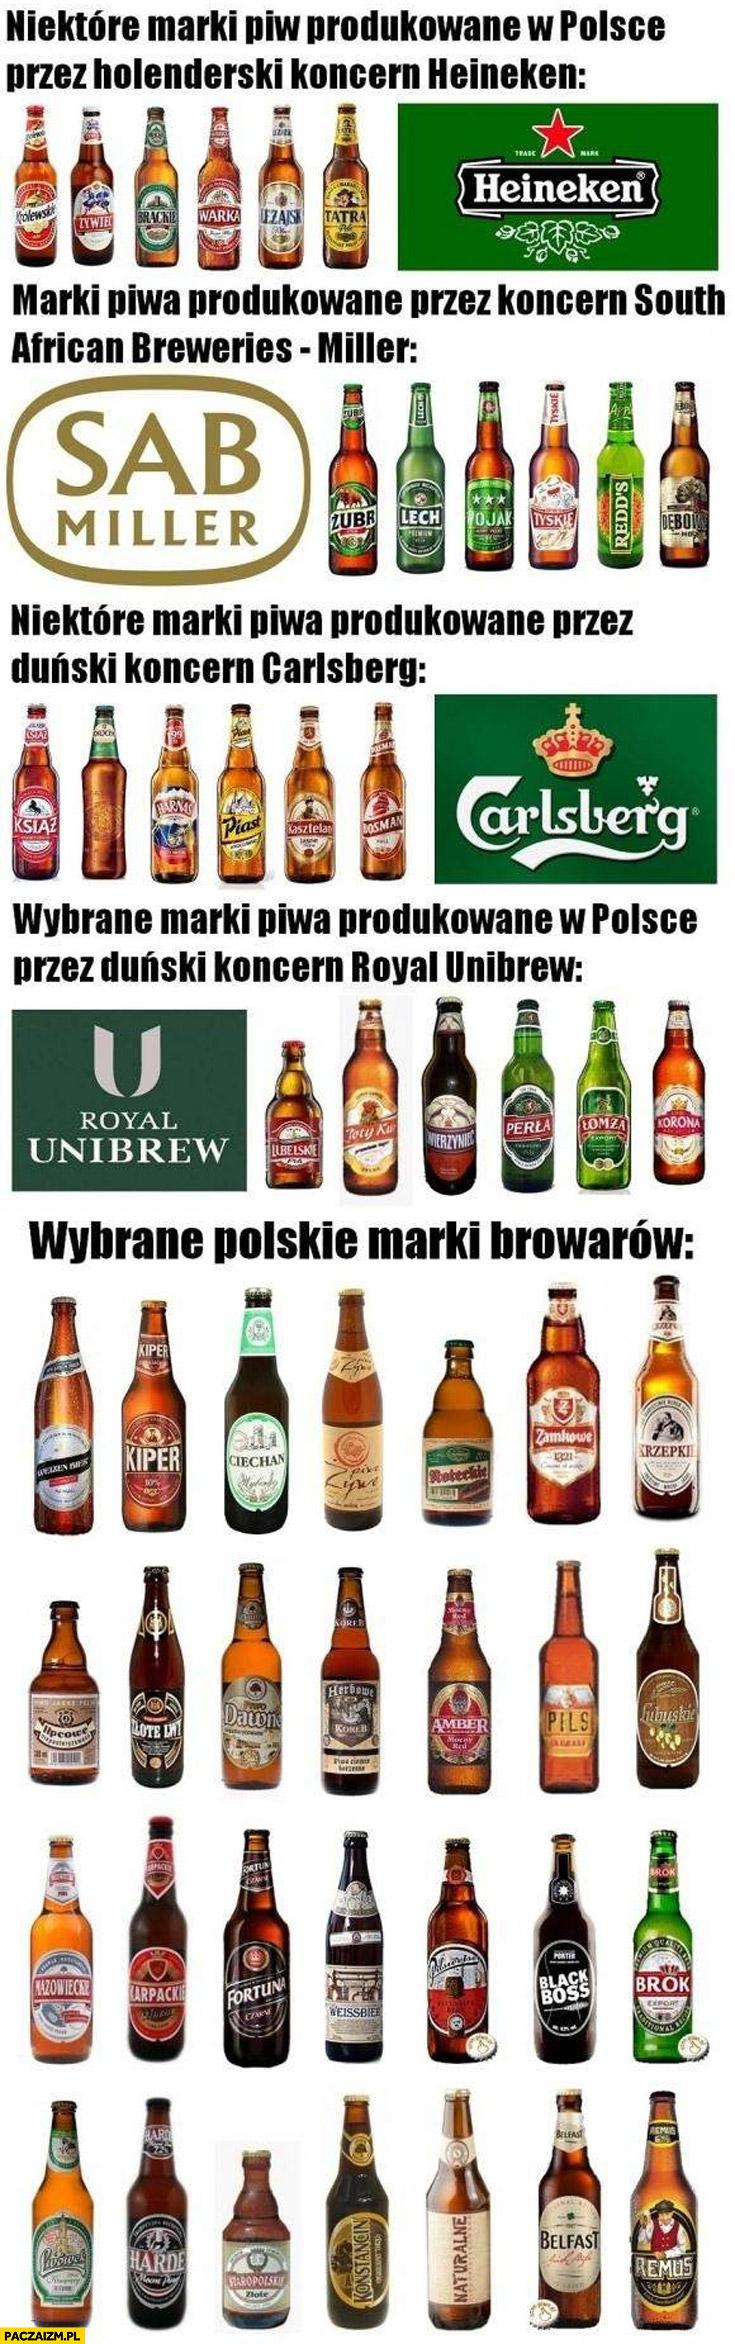 Które marki piwa są polskie infografika